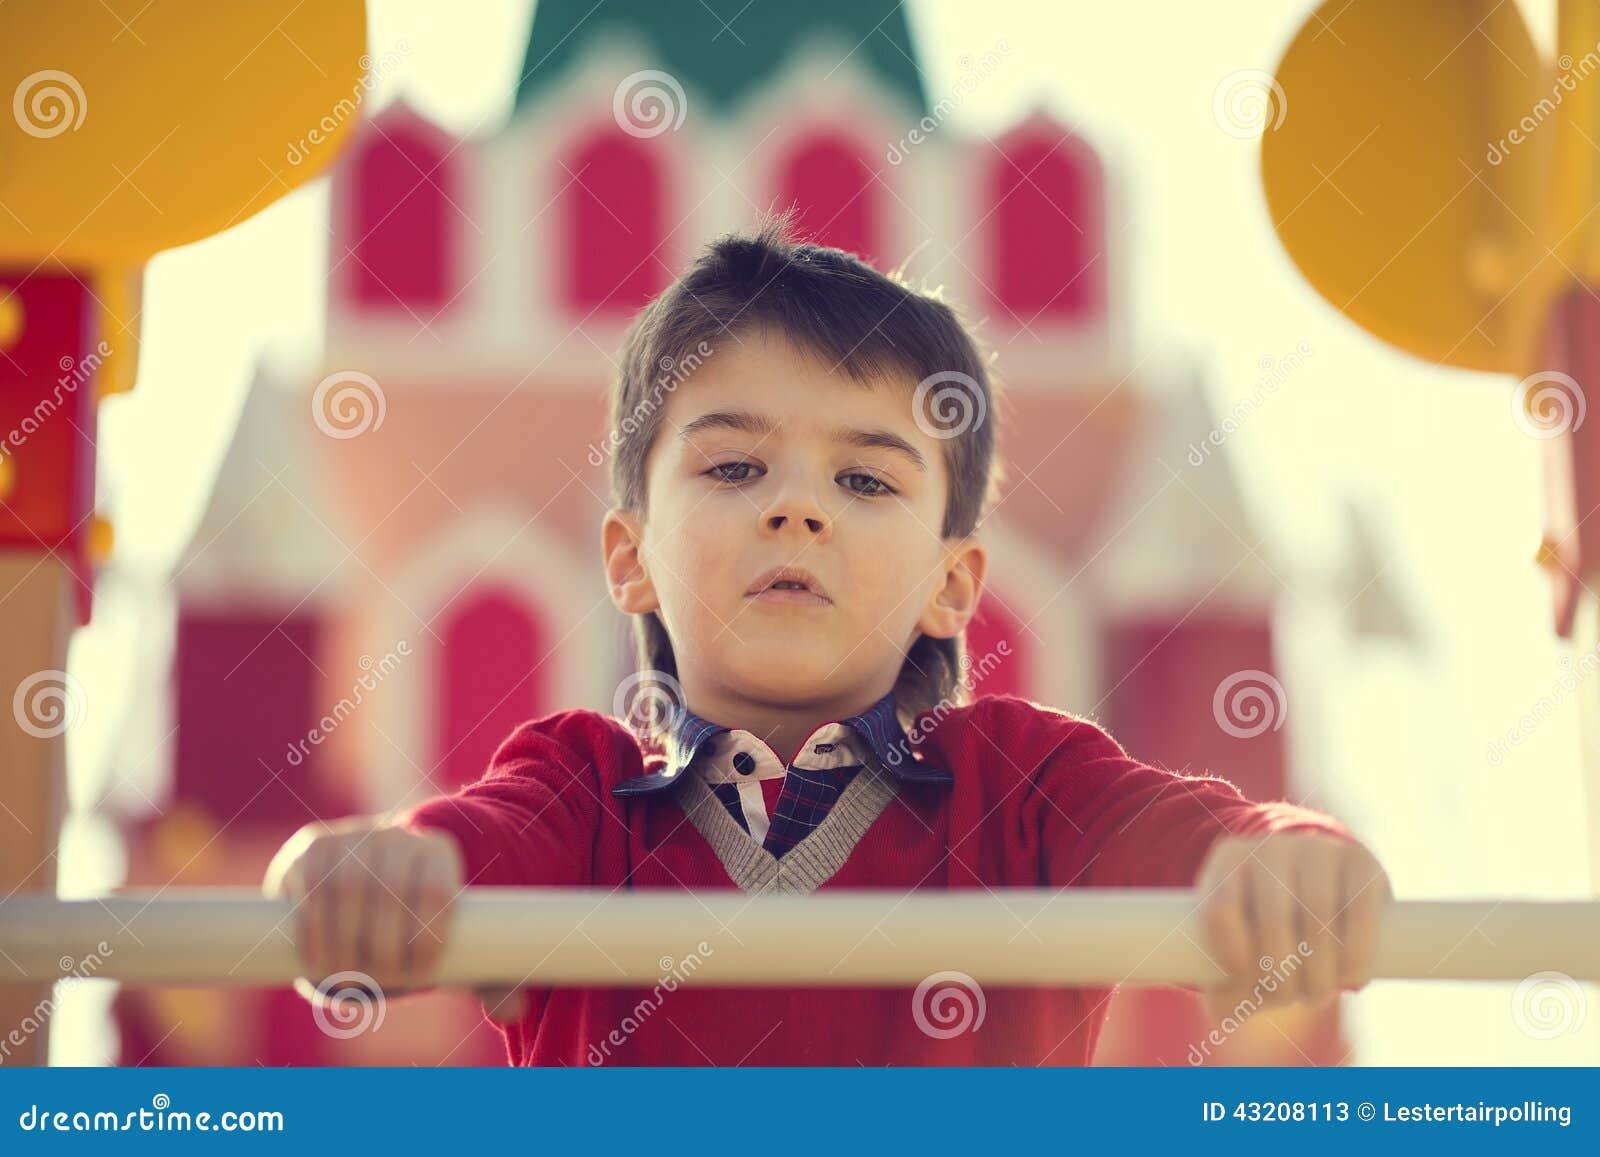 Download Stående av en pojke fotografering för bildbyråer. Bild av stående - 43208113